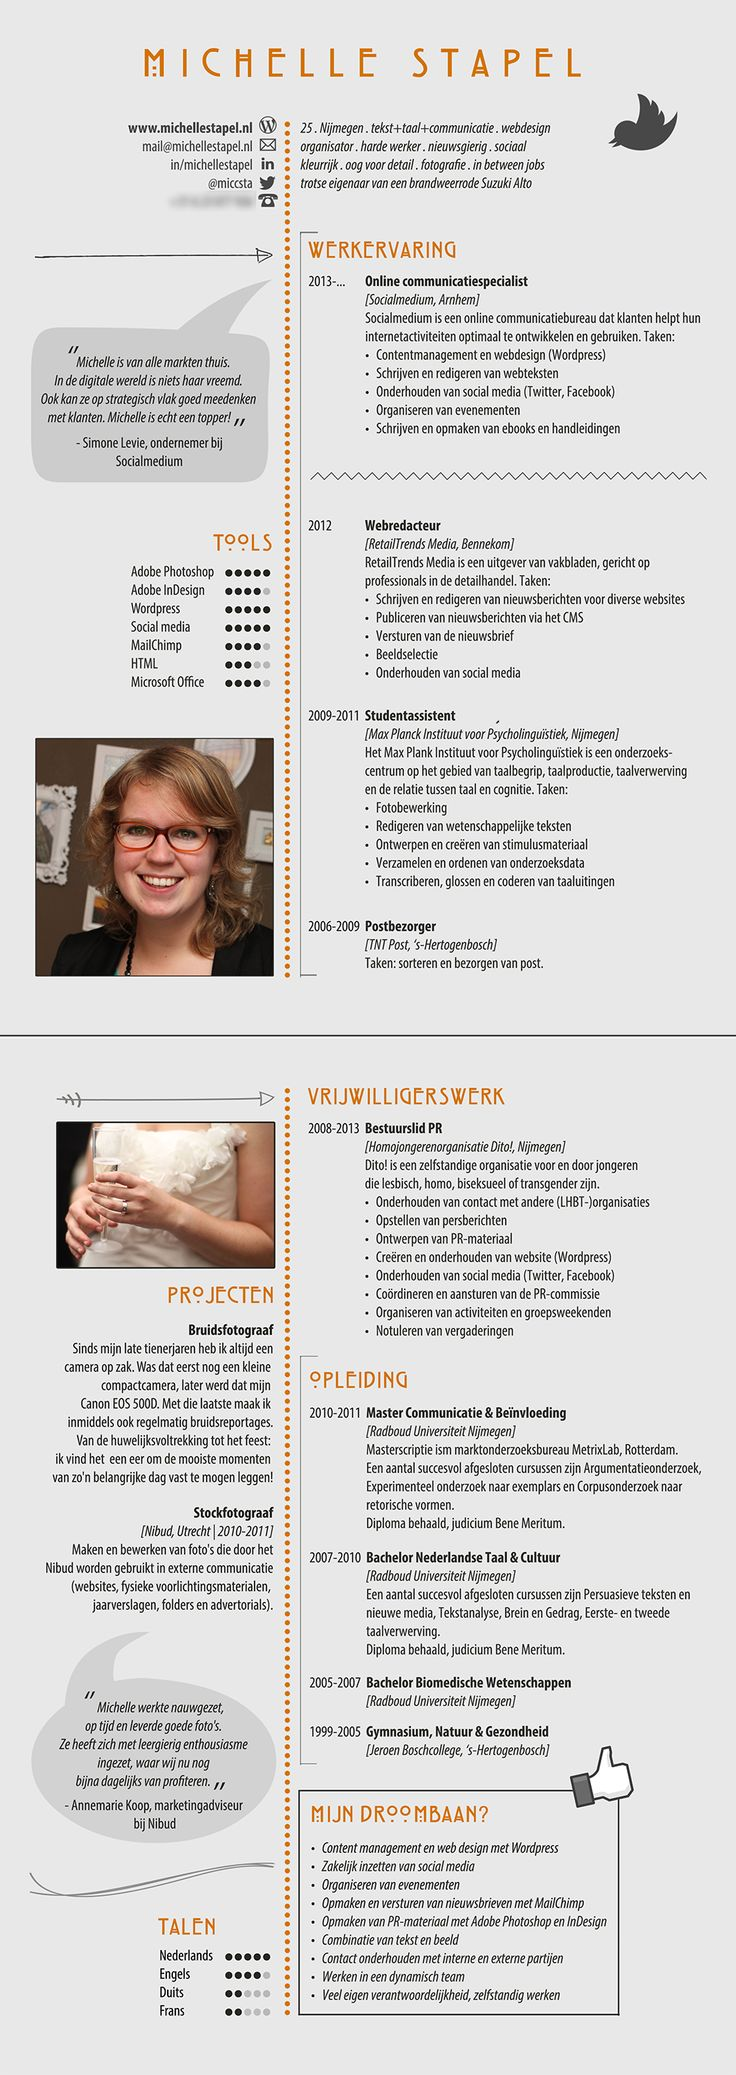 Met dit CV werd ik genomineerd voor CV van de maand van Sollicitatielab. Het recruiterspanel vond dit het winnende CV van de maand april 2013.